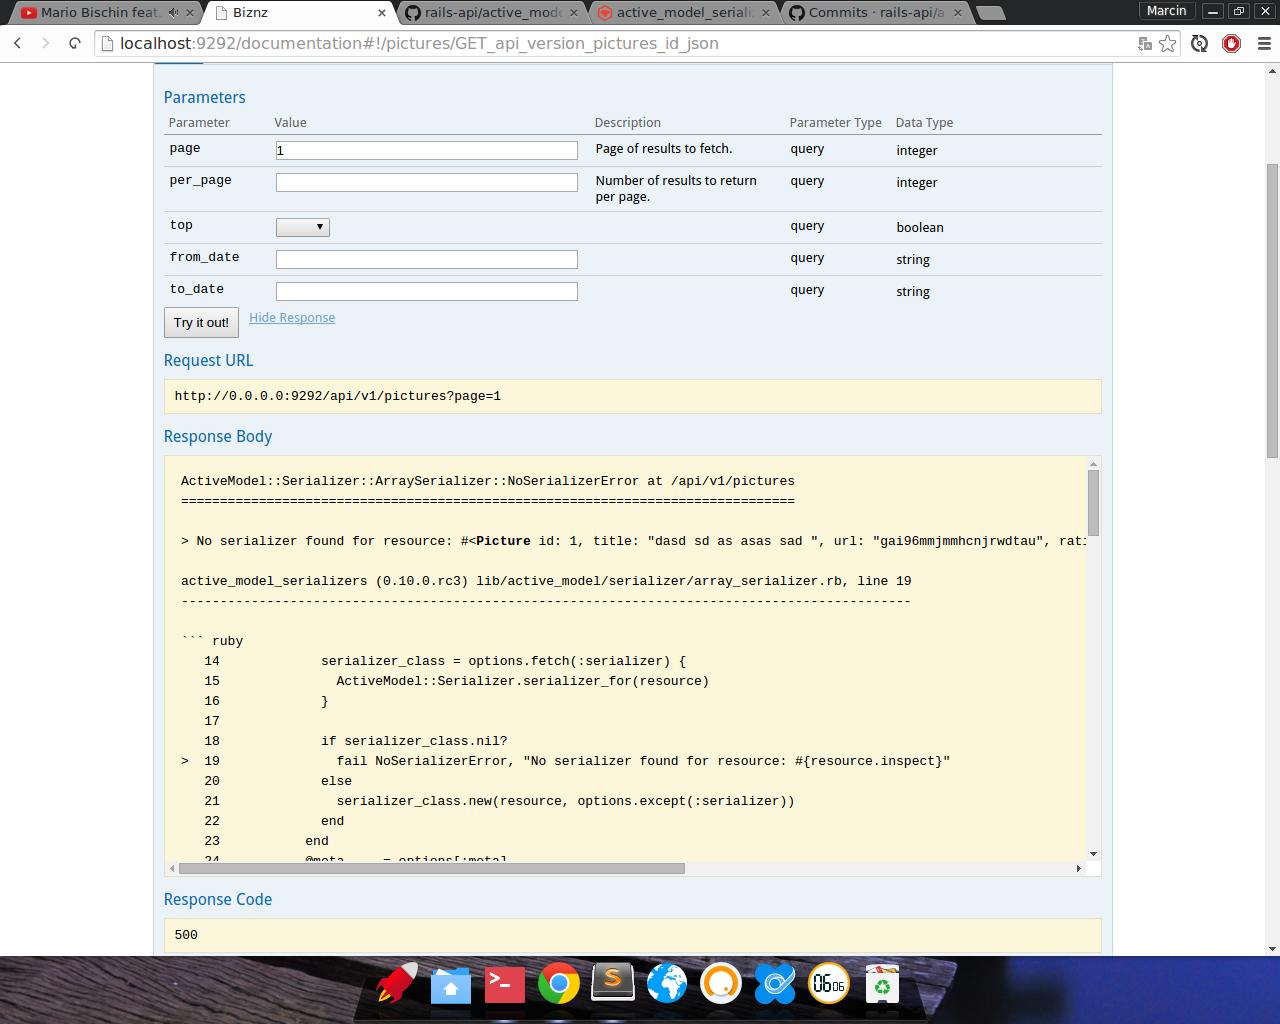 No serializer found for resource · Issue #1250 · rails-api